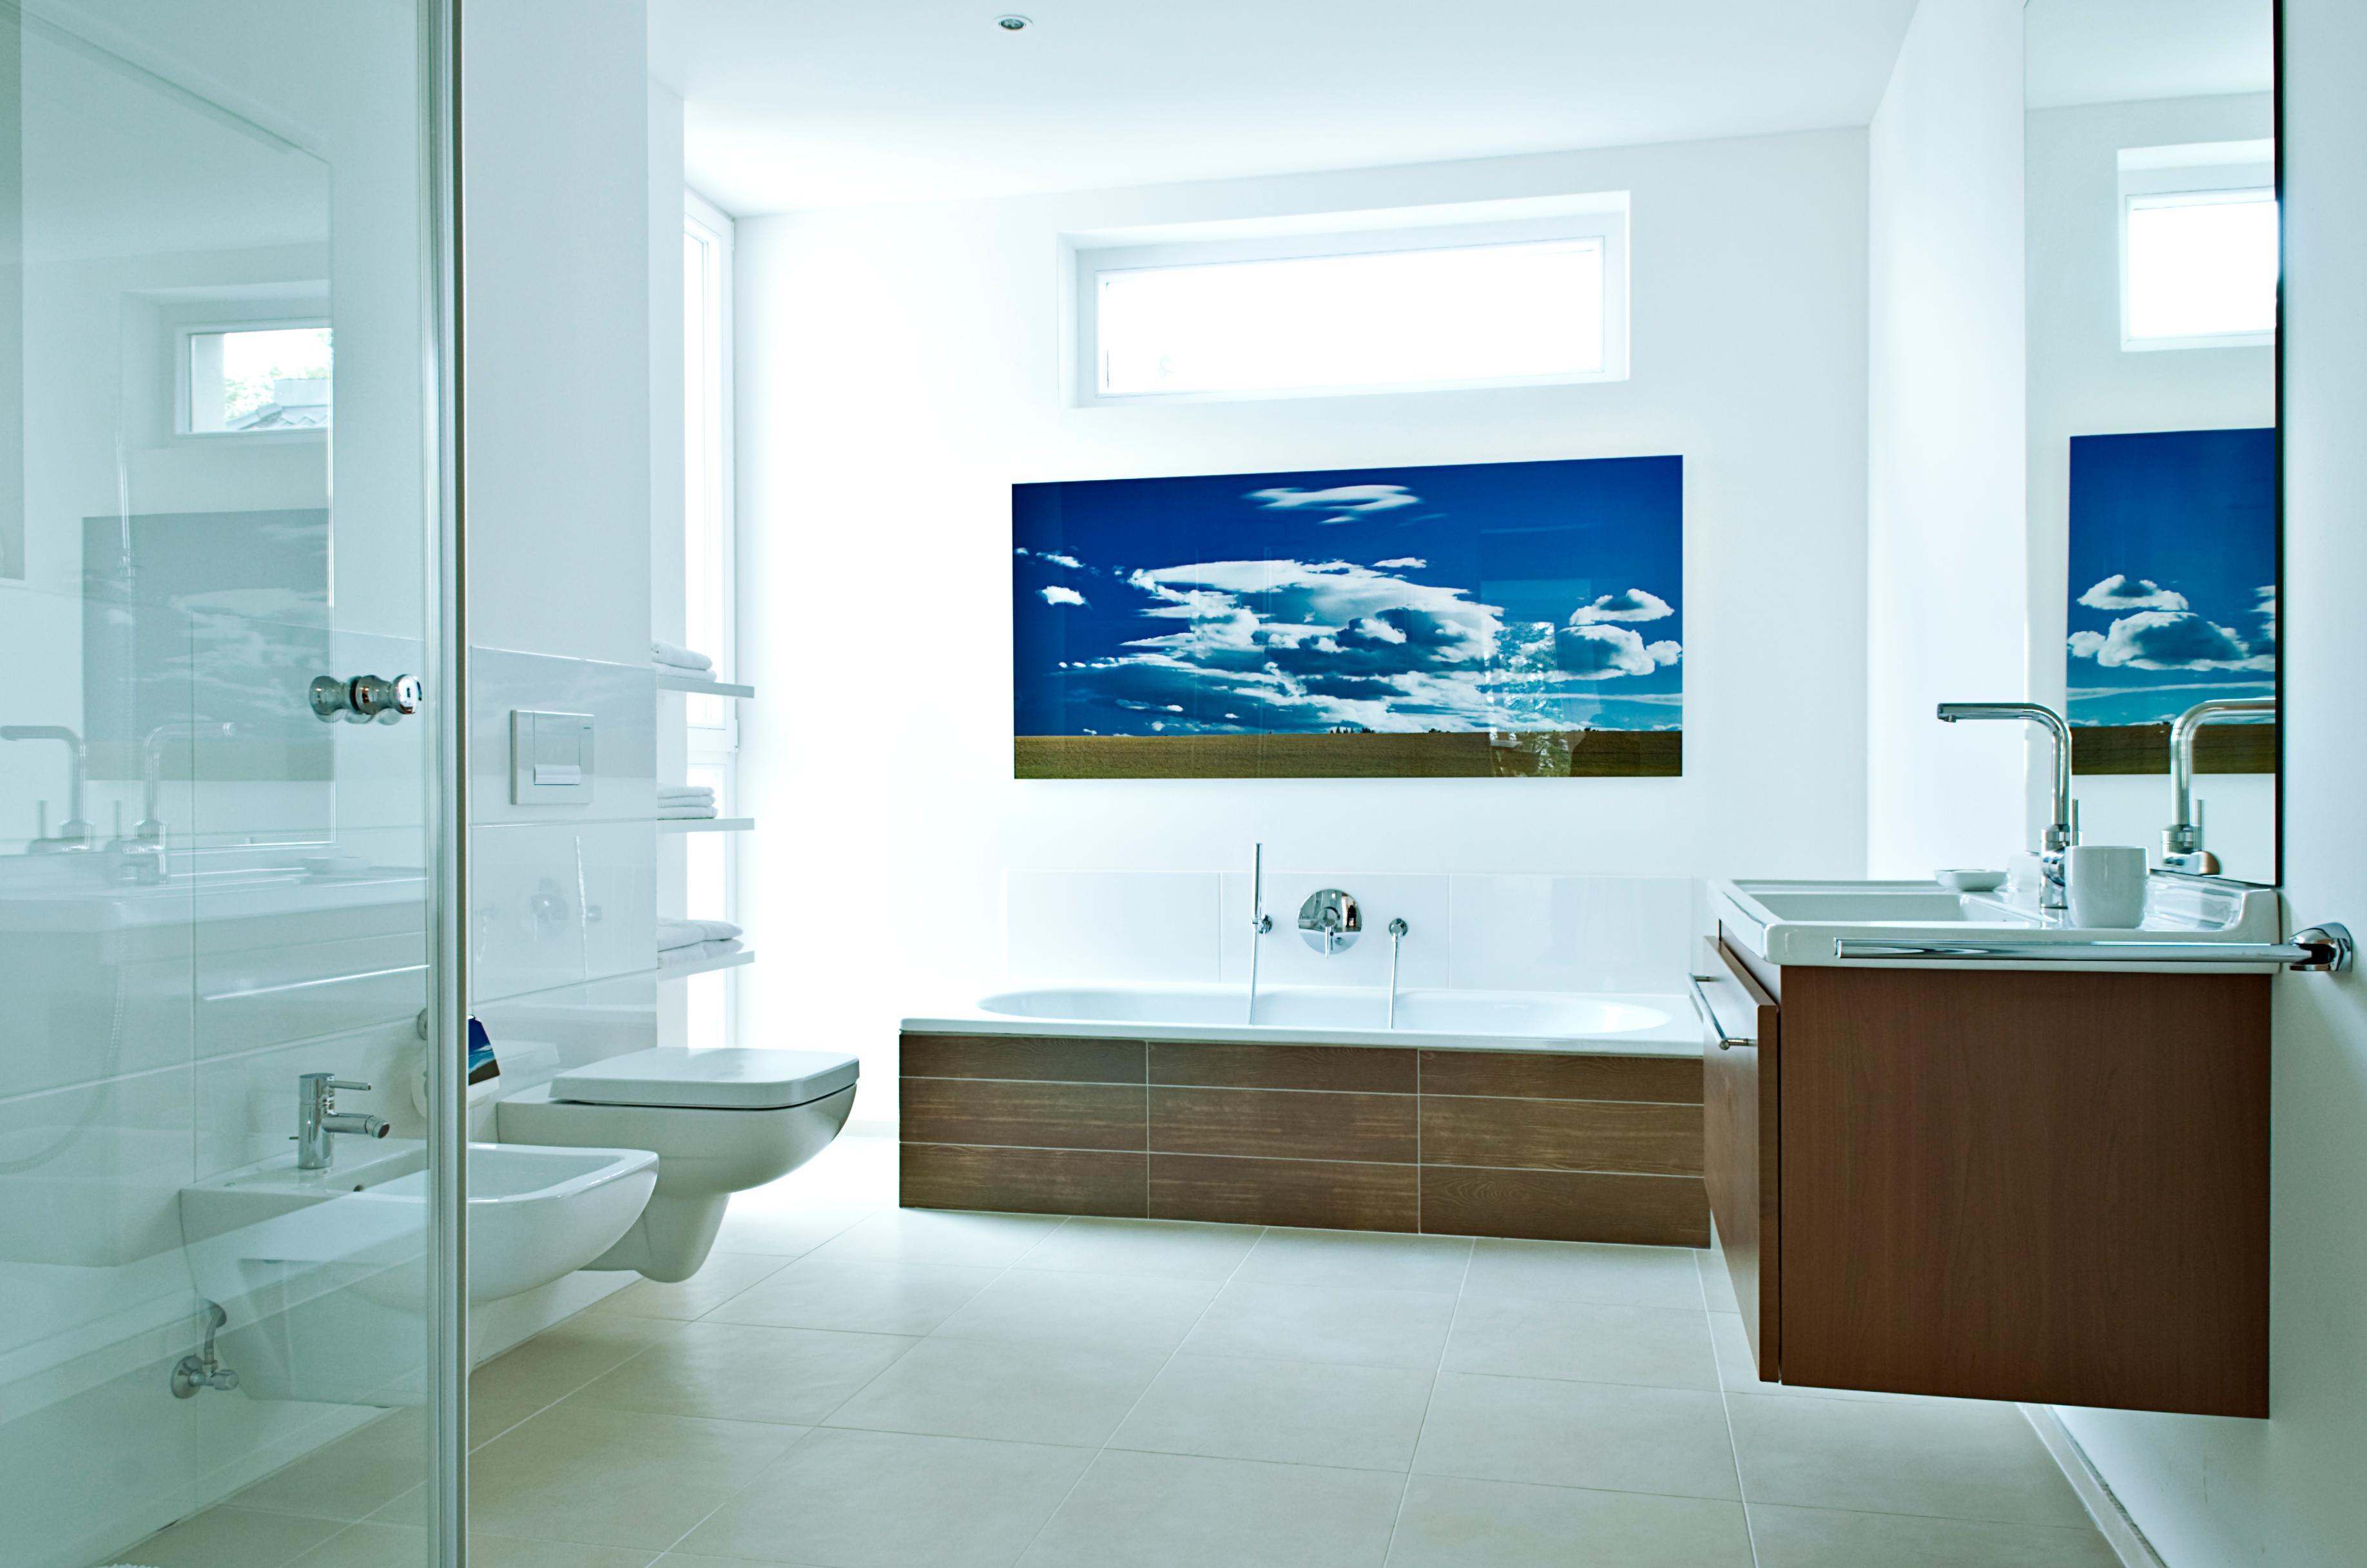 Badezimmer gestalten bilder ideen couchstyle for Badezimmereinrichtungen ideen